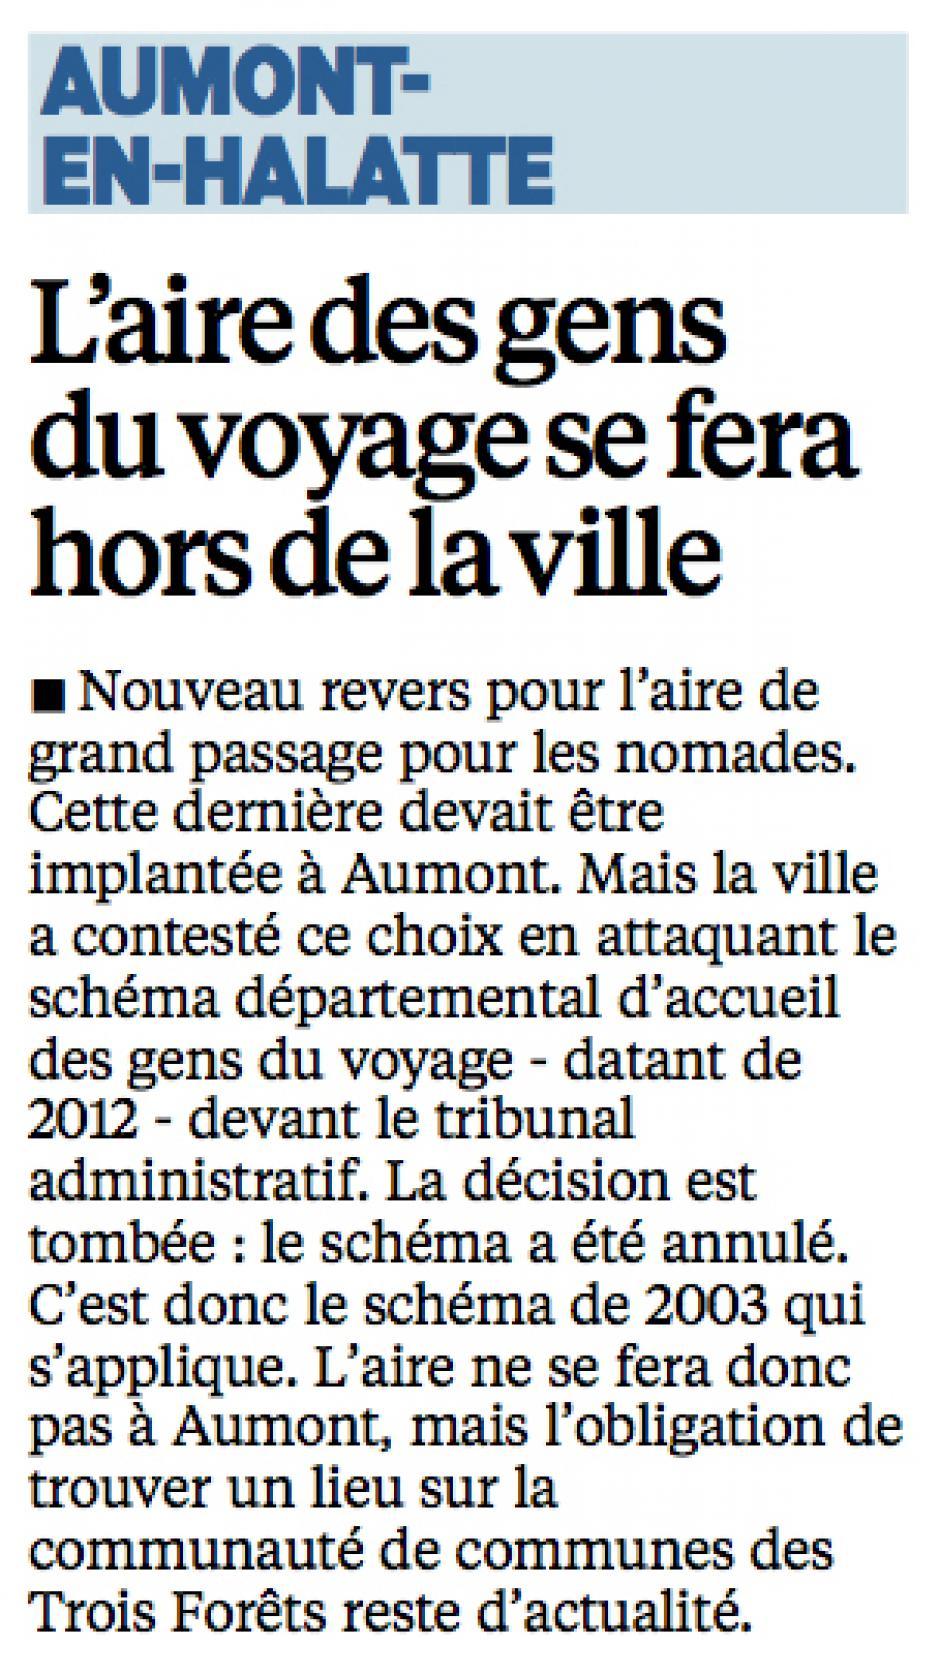 20140906-LeP-Aumont-en-Halatte-L'aire des gens du voyage se fera hors de la ville